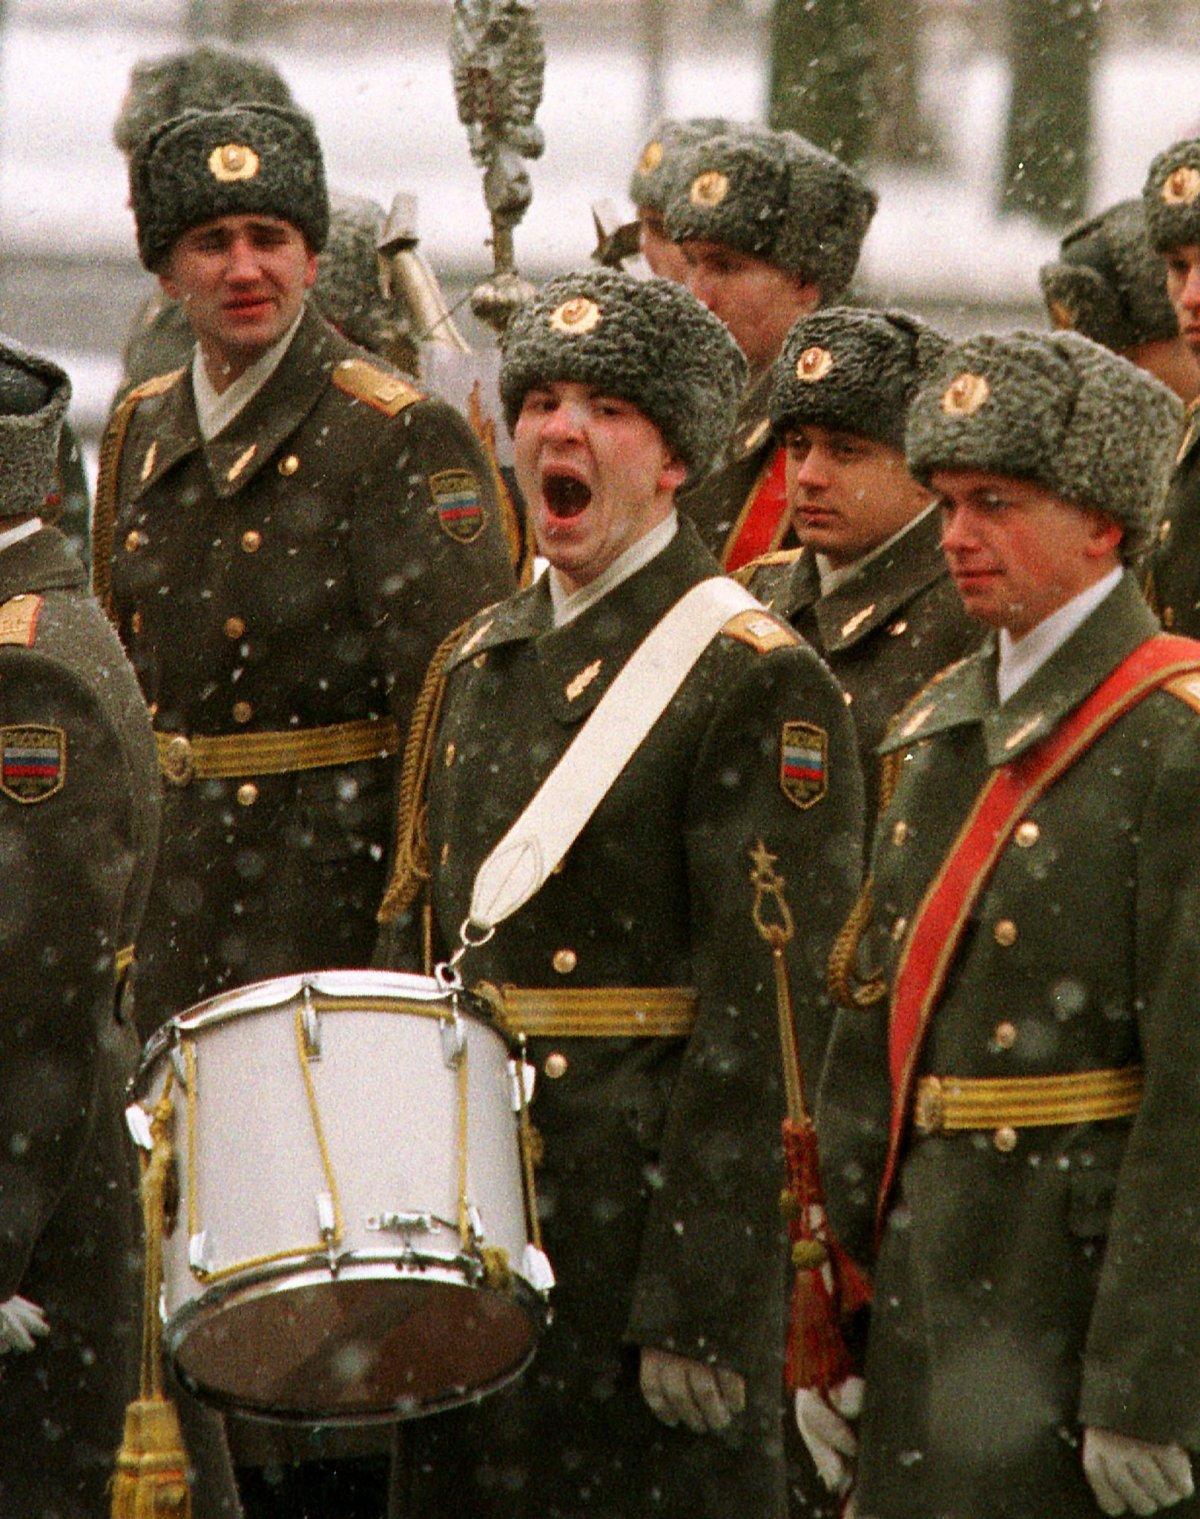 Российский солдат военного оркестра зевает перед началом церемонии возложения венка на Могилу Неизве